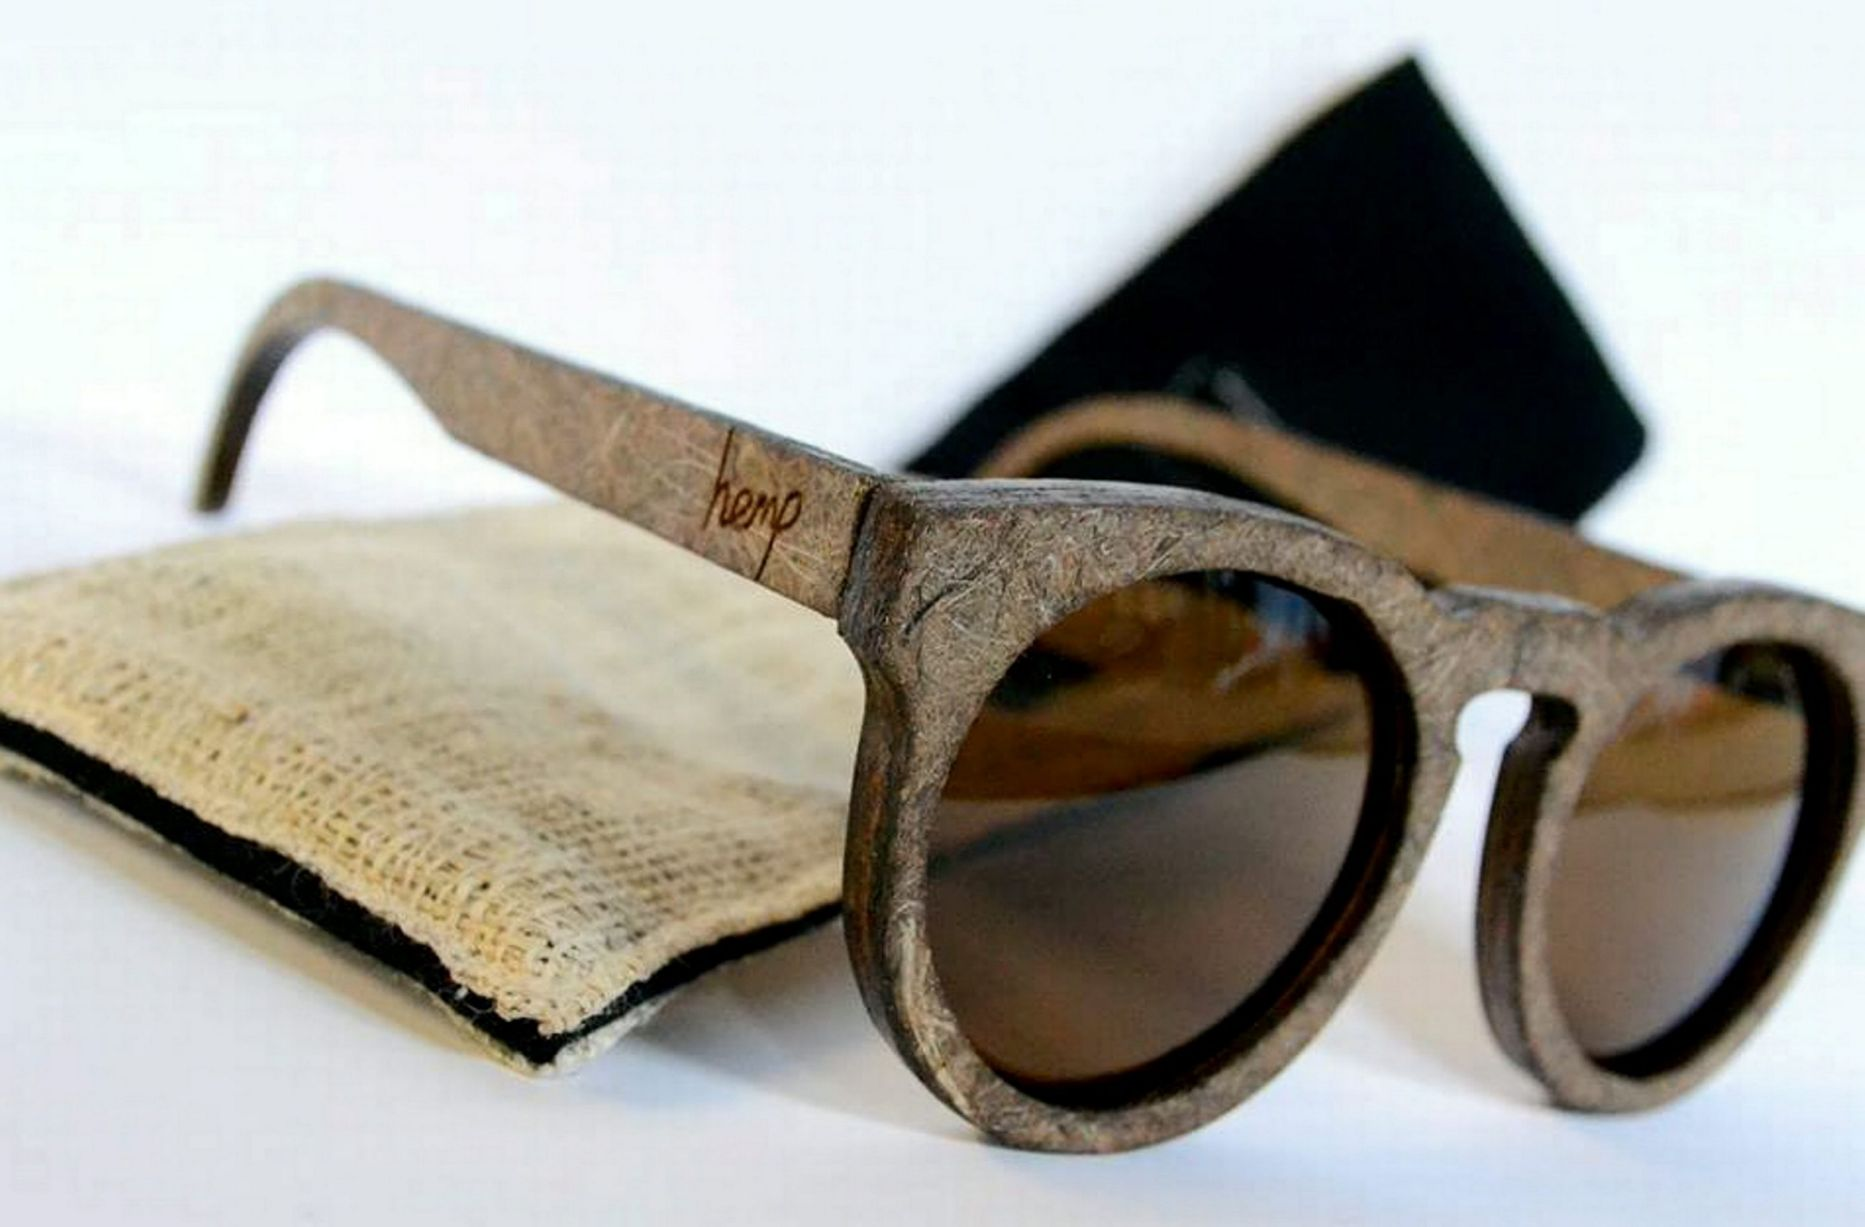 Слънчеви очила направени от коноп набират популярност